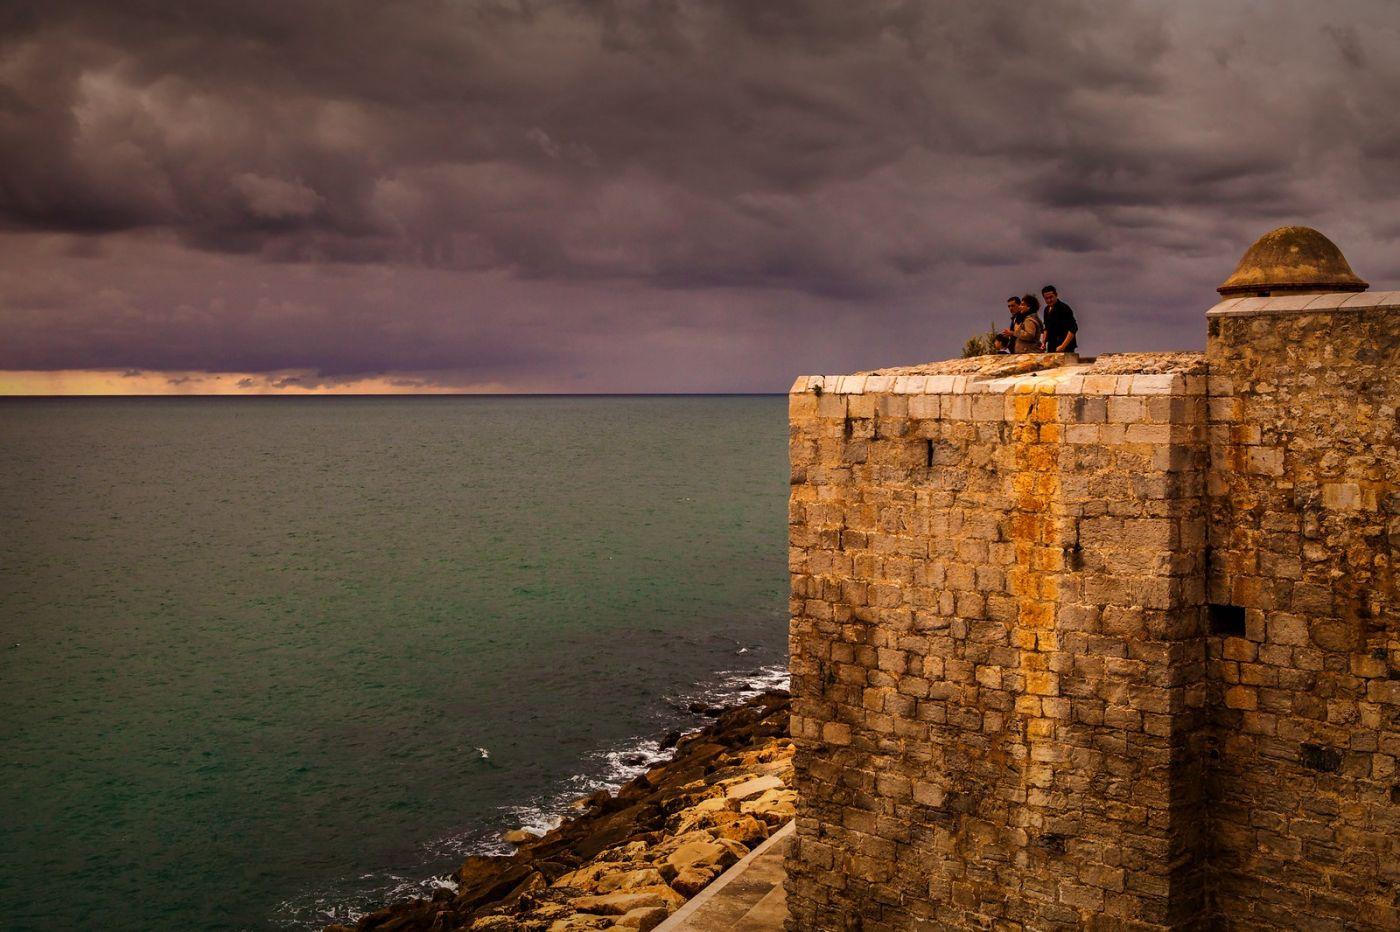 西班牙佩尼伊斯科拉(Peniscola),海边的景色令人神往_图1-8